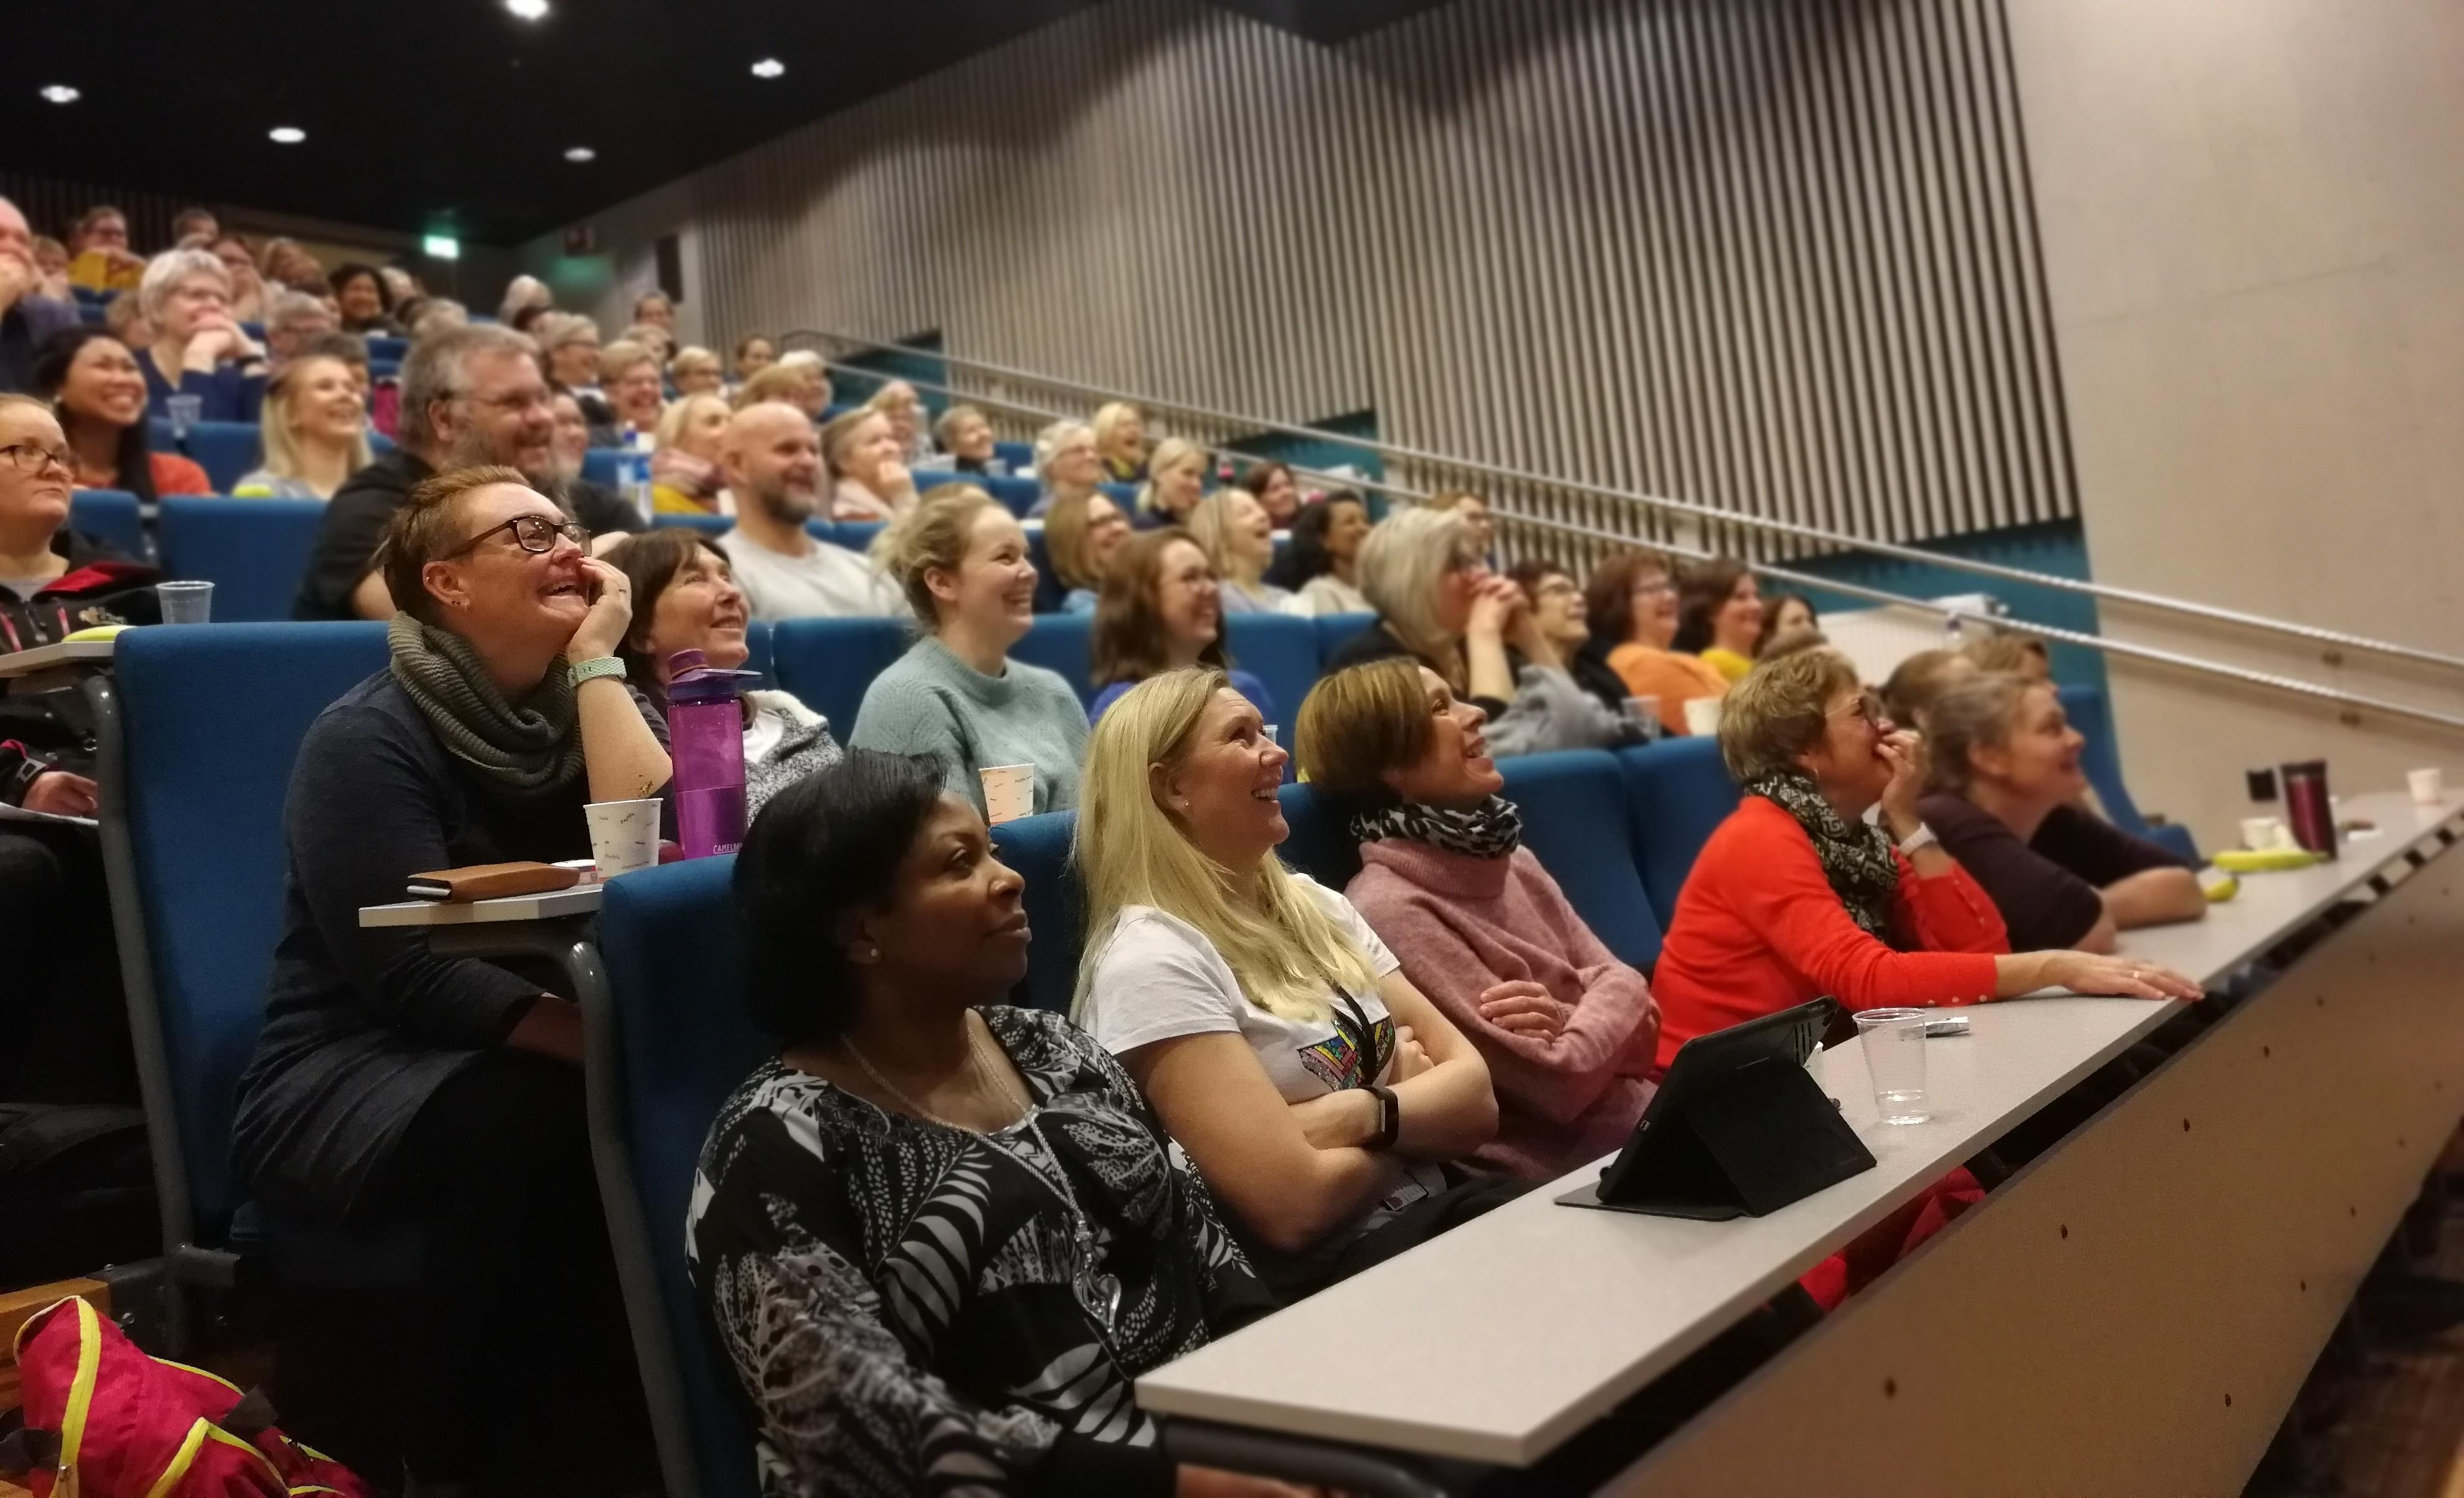 Et lydhør og interessert publikum